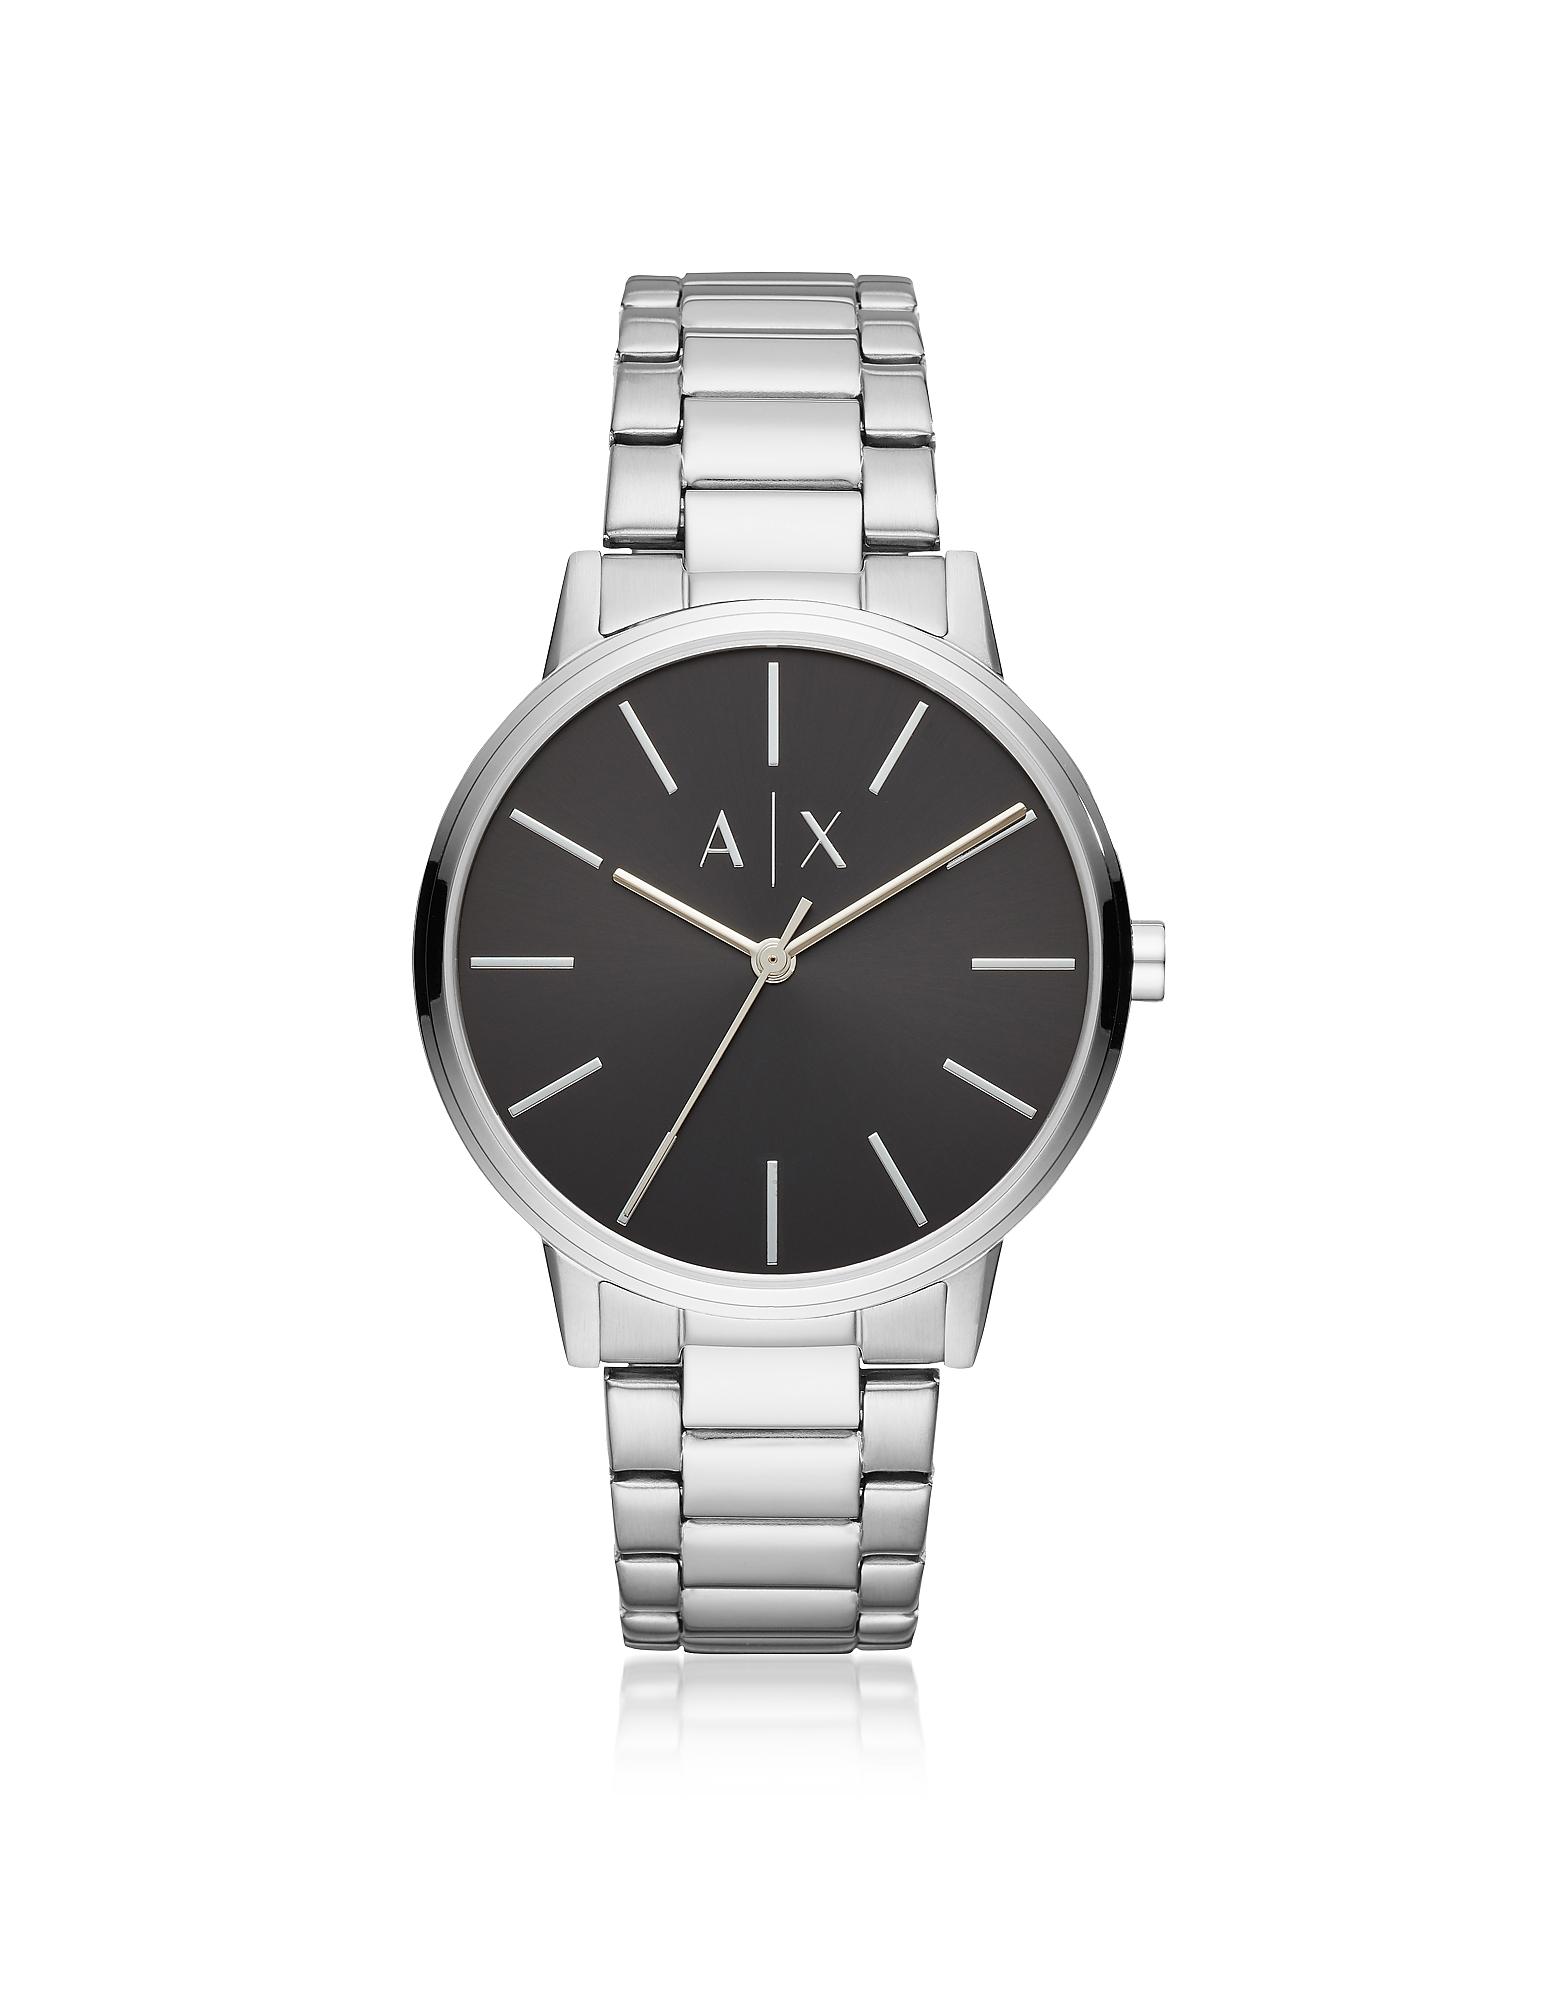 Мужские Часы AX2700 Cayde Emporio Armani